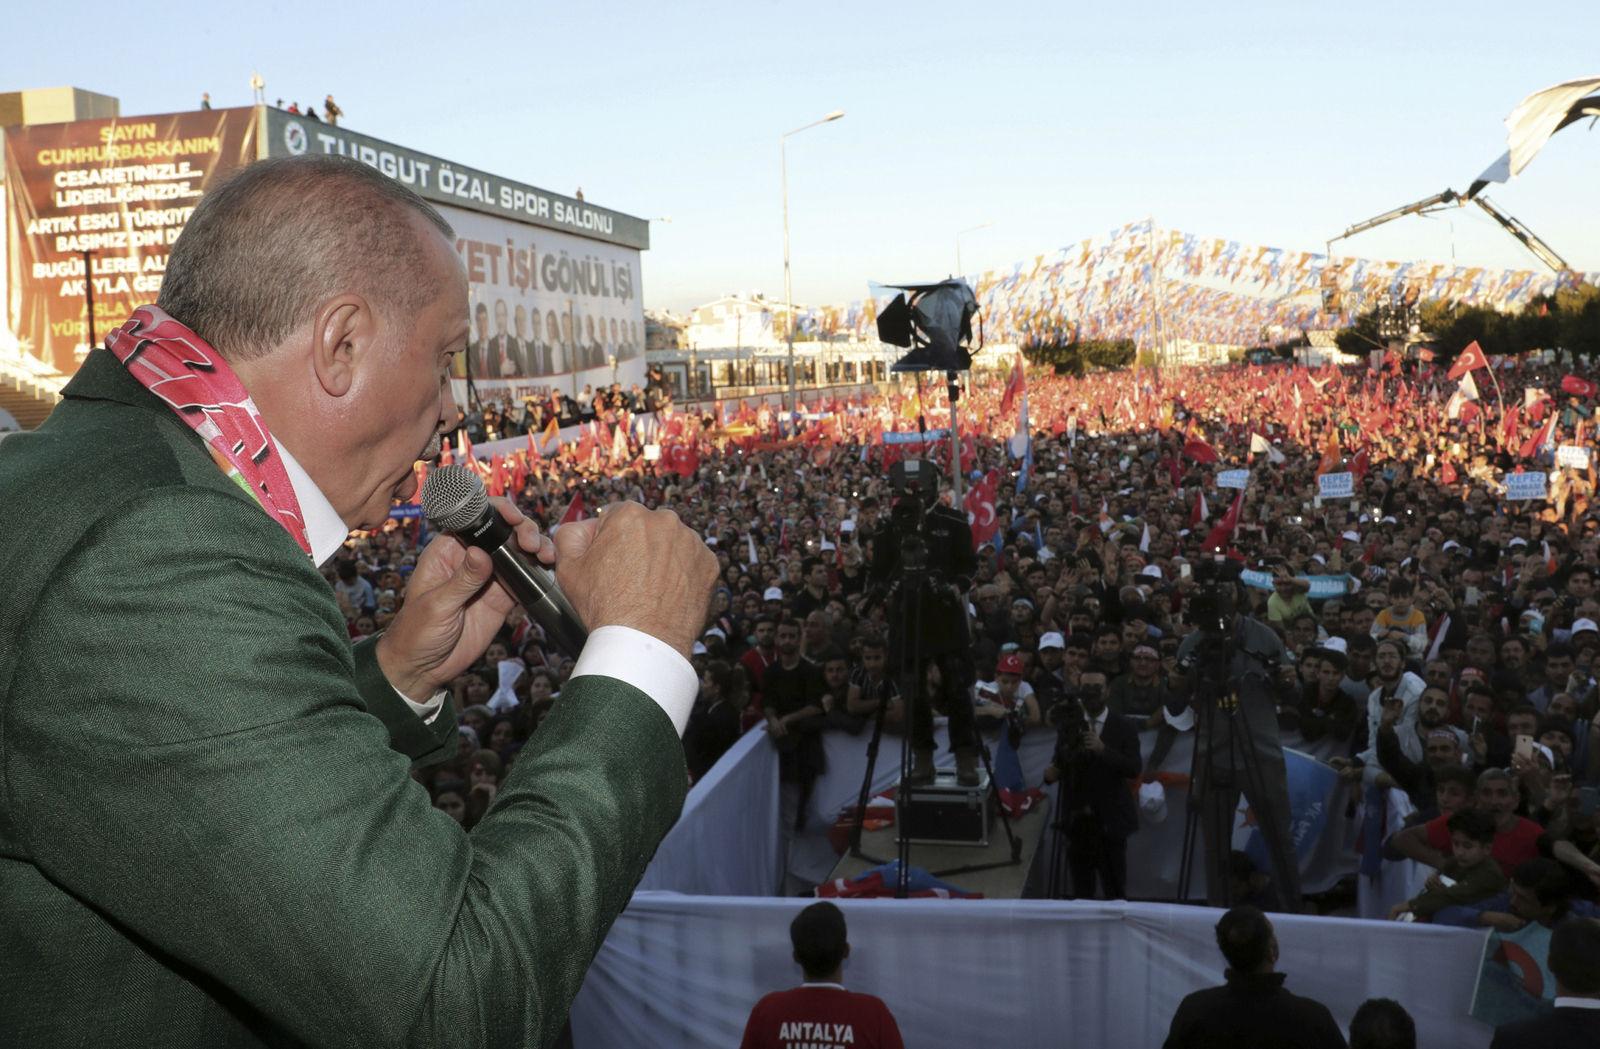 a7cc79_erdogan_new_zealand_campaign_x974 Эрдоганы нам орон нутгийн сонгуулийн үр дүнг эсэргүүцжээ